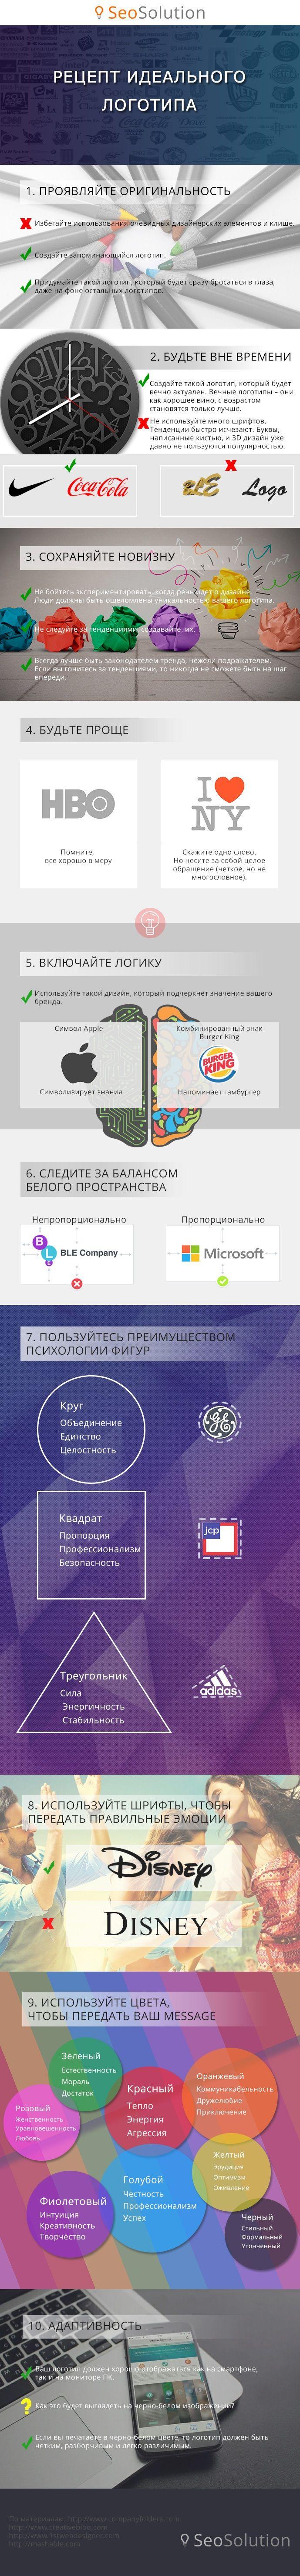 Как создать фирменный и запоминающийся логотип